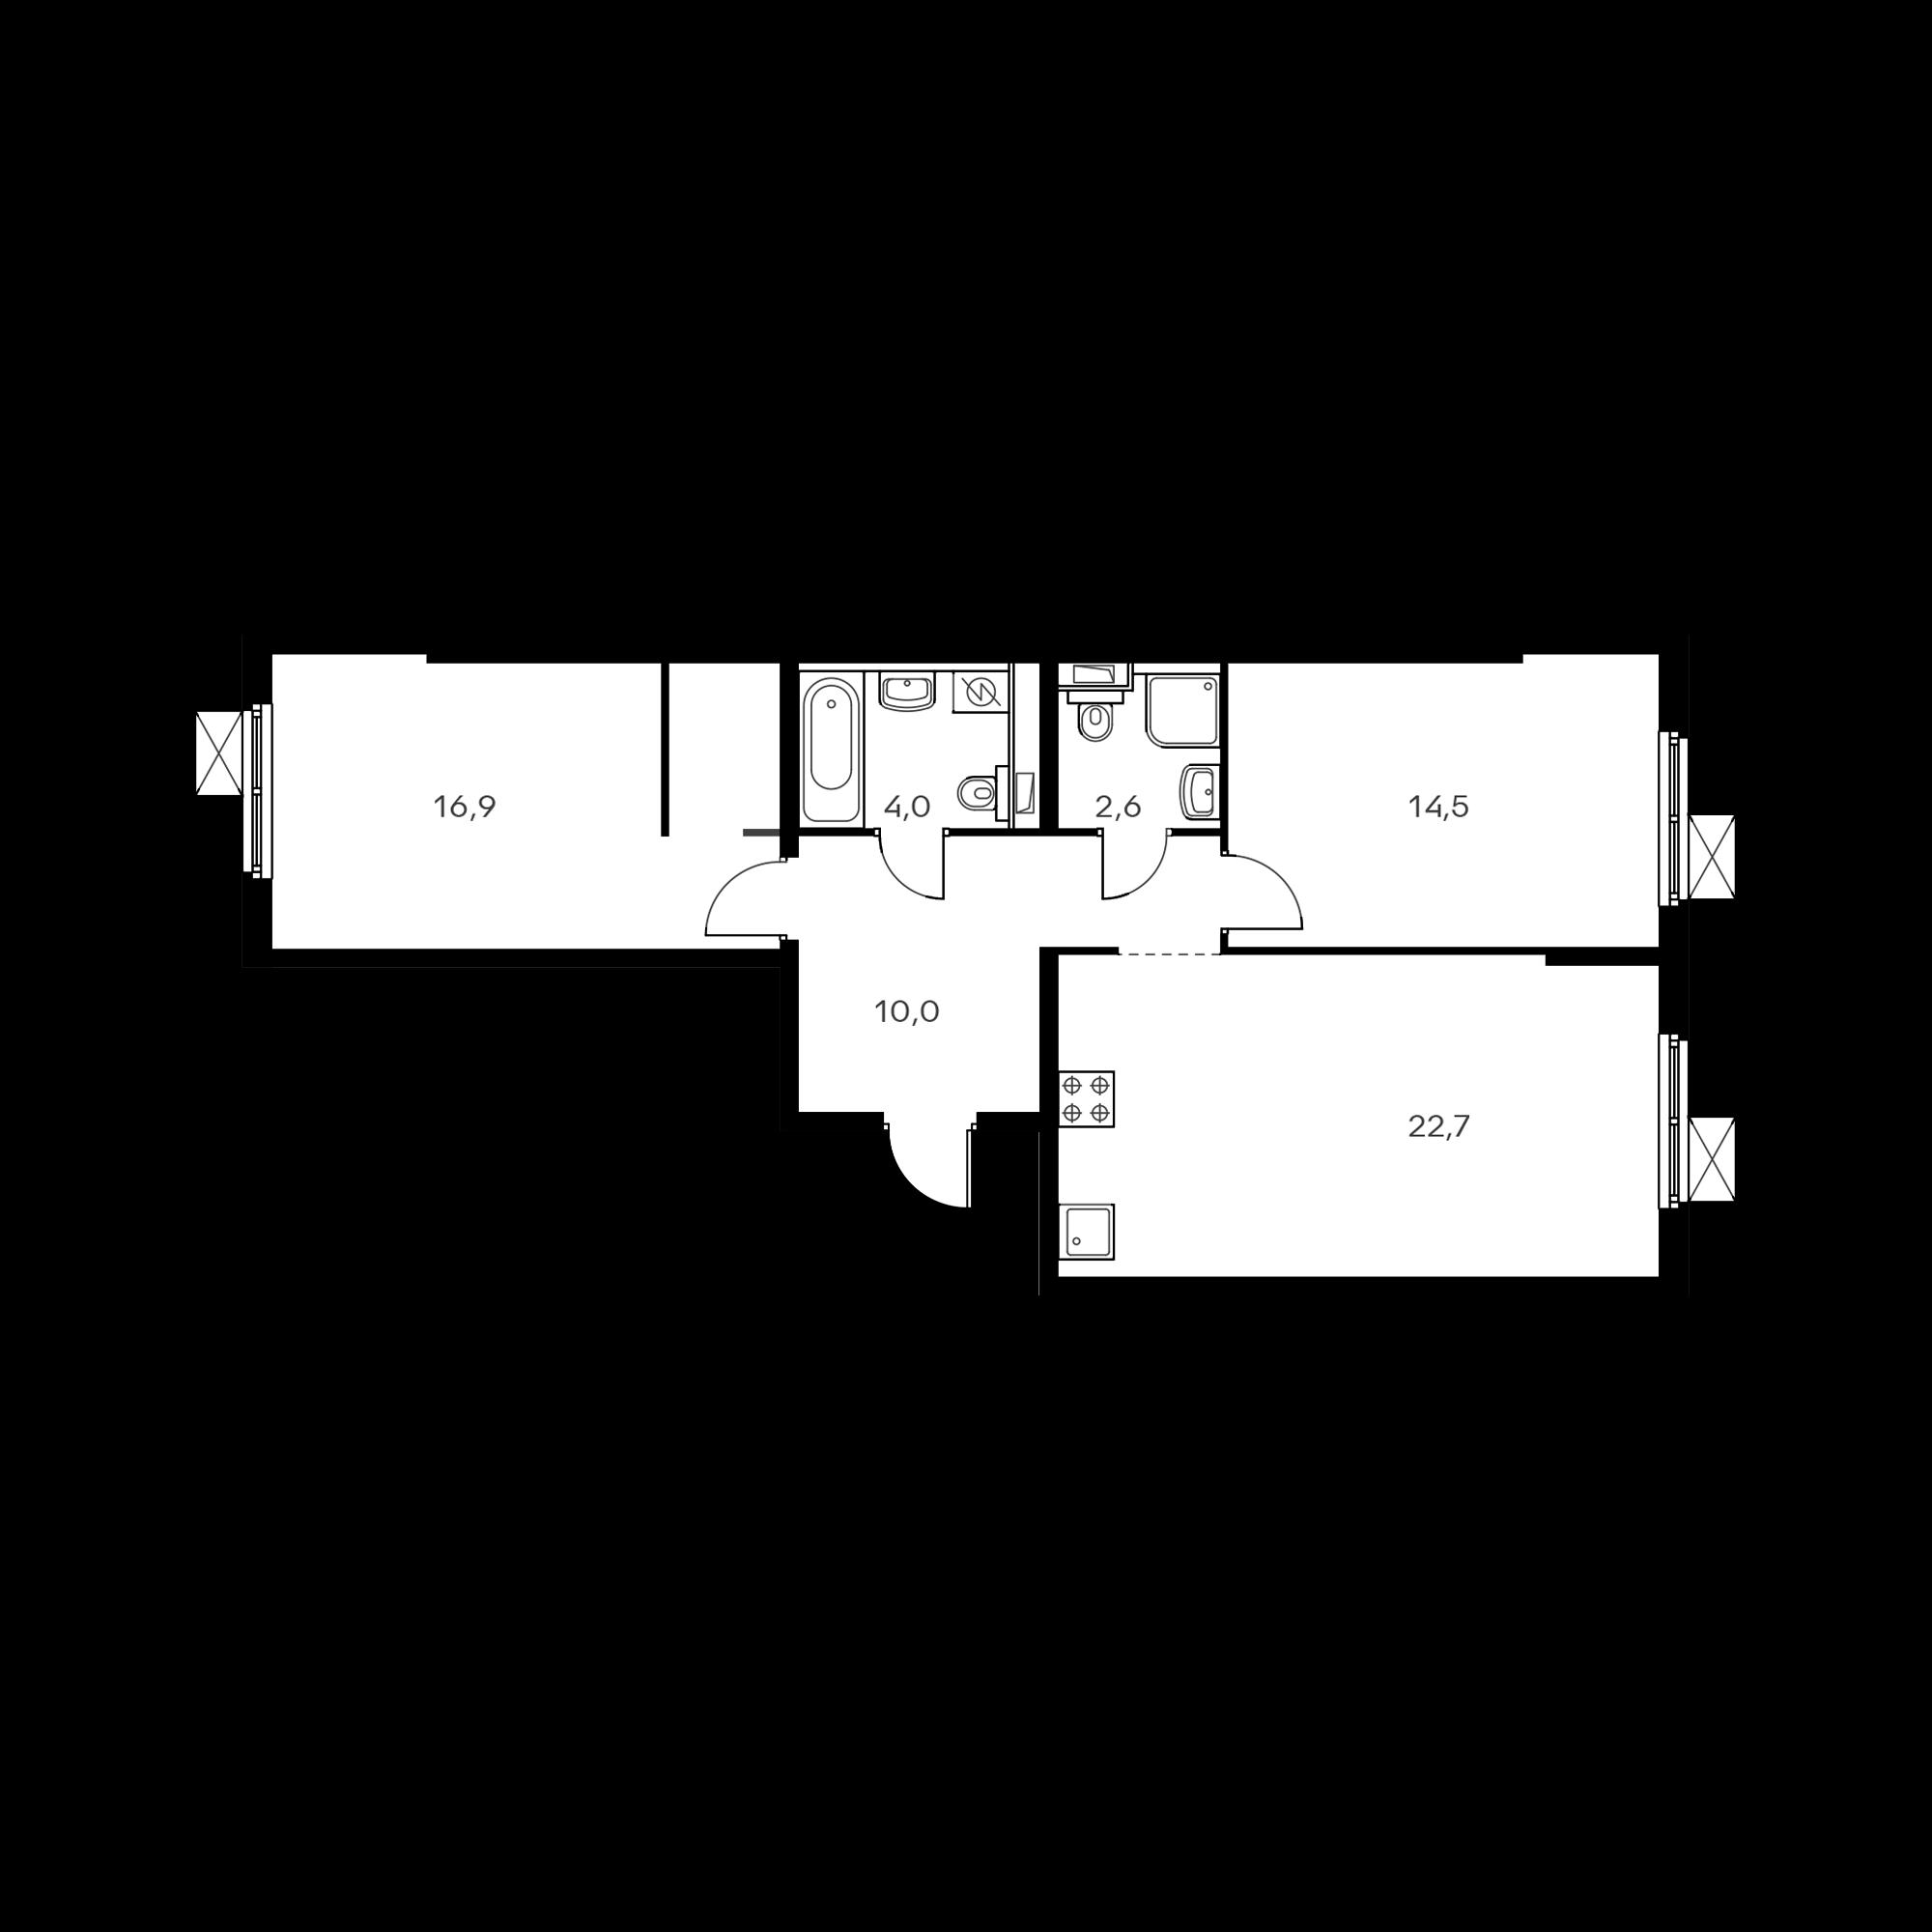 2EL10_6.9-1_T_Z